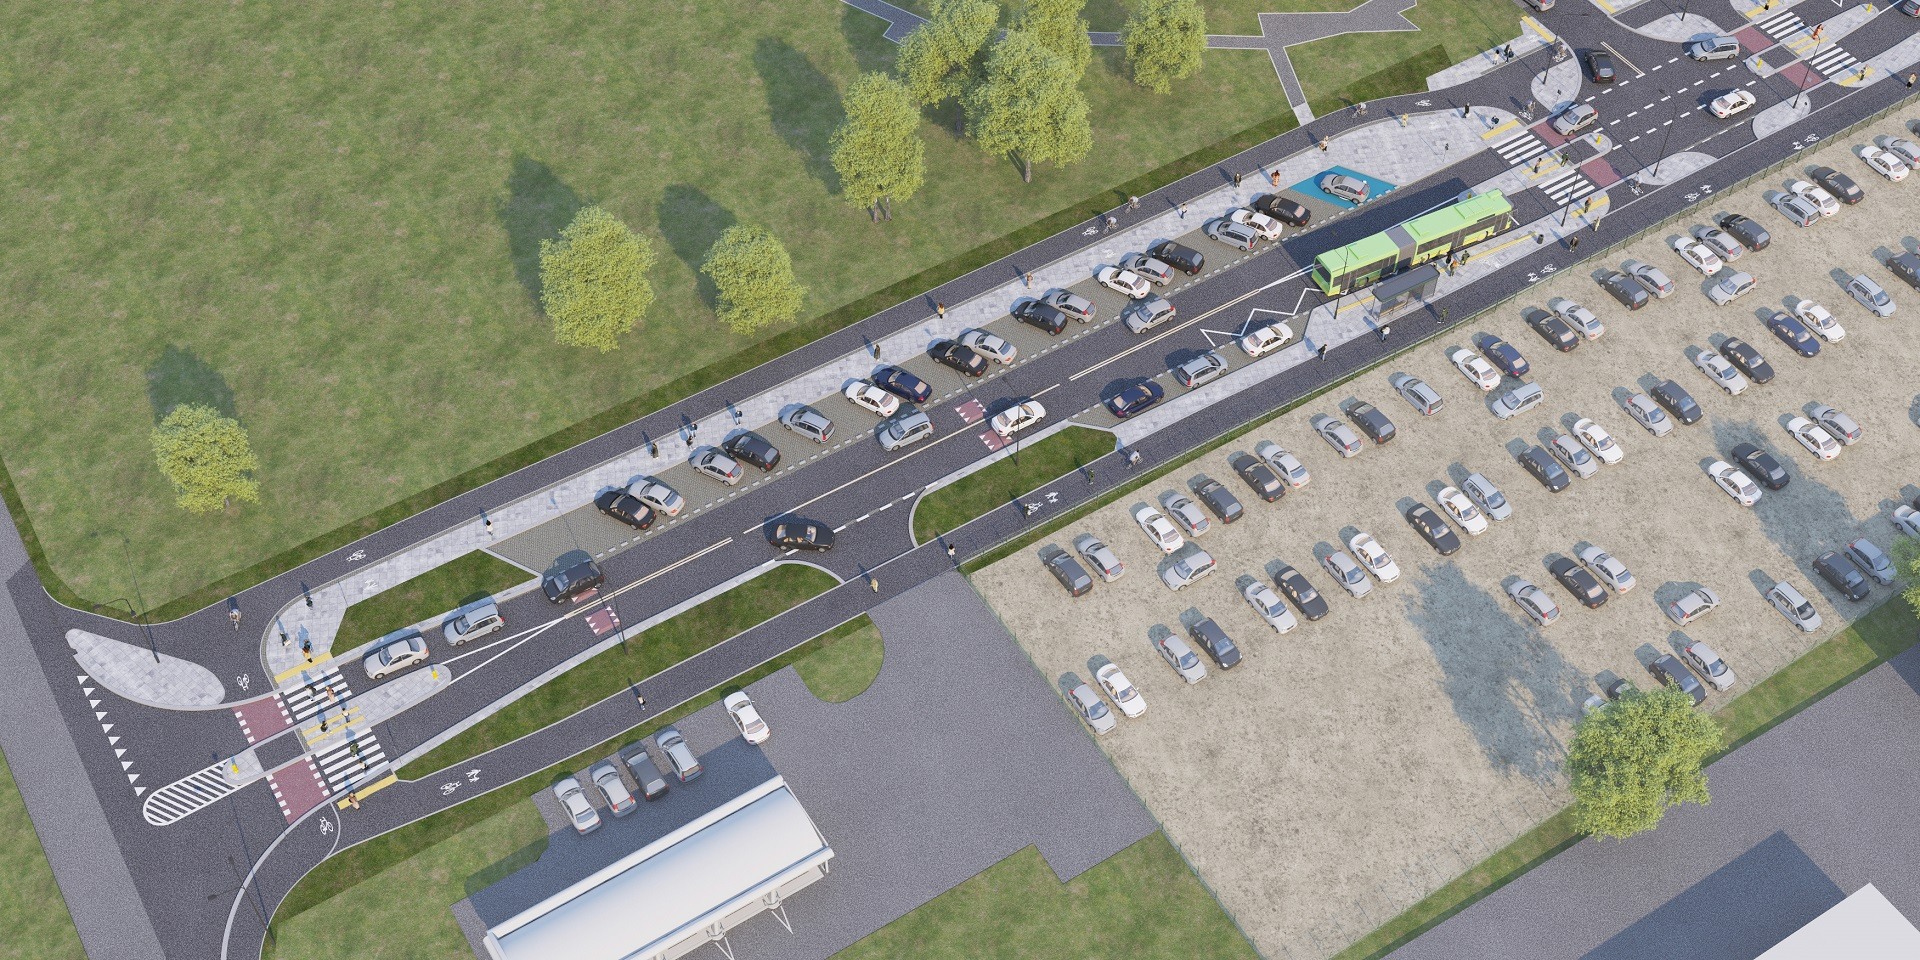 Zwycięzca przetargu wybuduje torowisko wraz z siecią trakcyjną, pętlę tramwajowo-autobusową wyposażoną w budynek ekspedycji, przystanki tramwajowe i autobusowe (fot.poznan.pl)